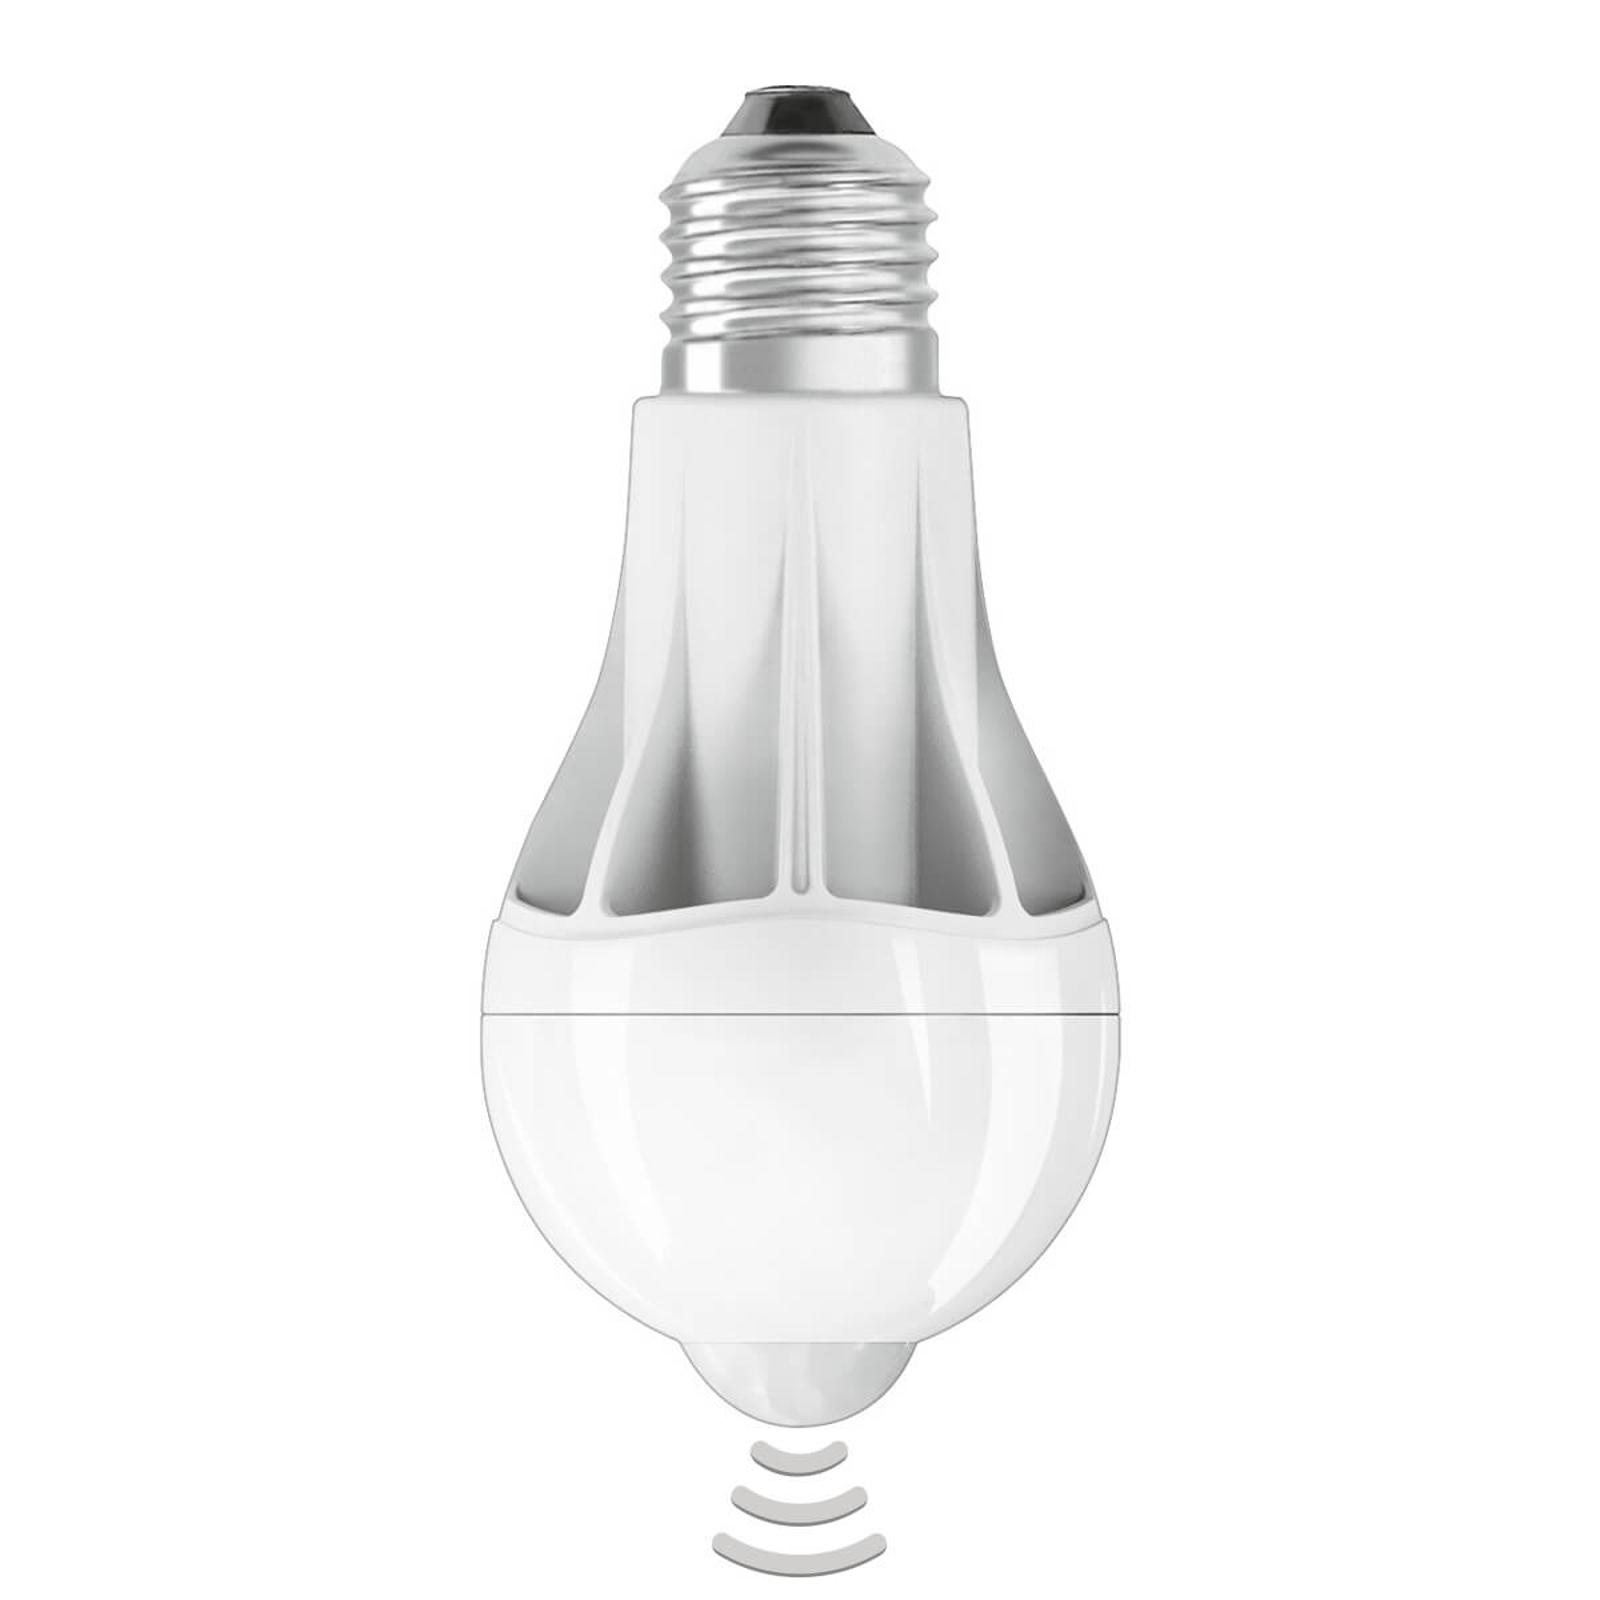 E27 11W 2 700K LED-pære med bevegelsessensor